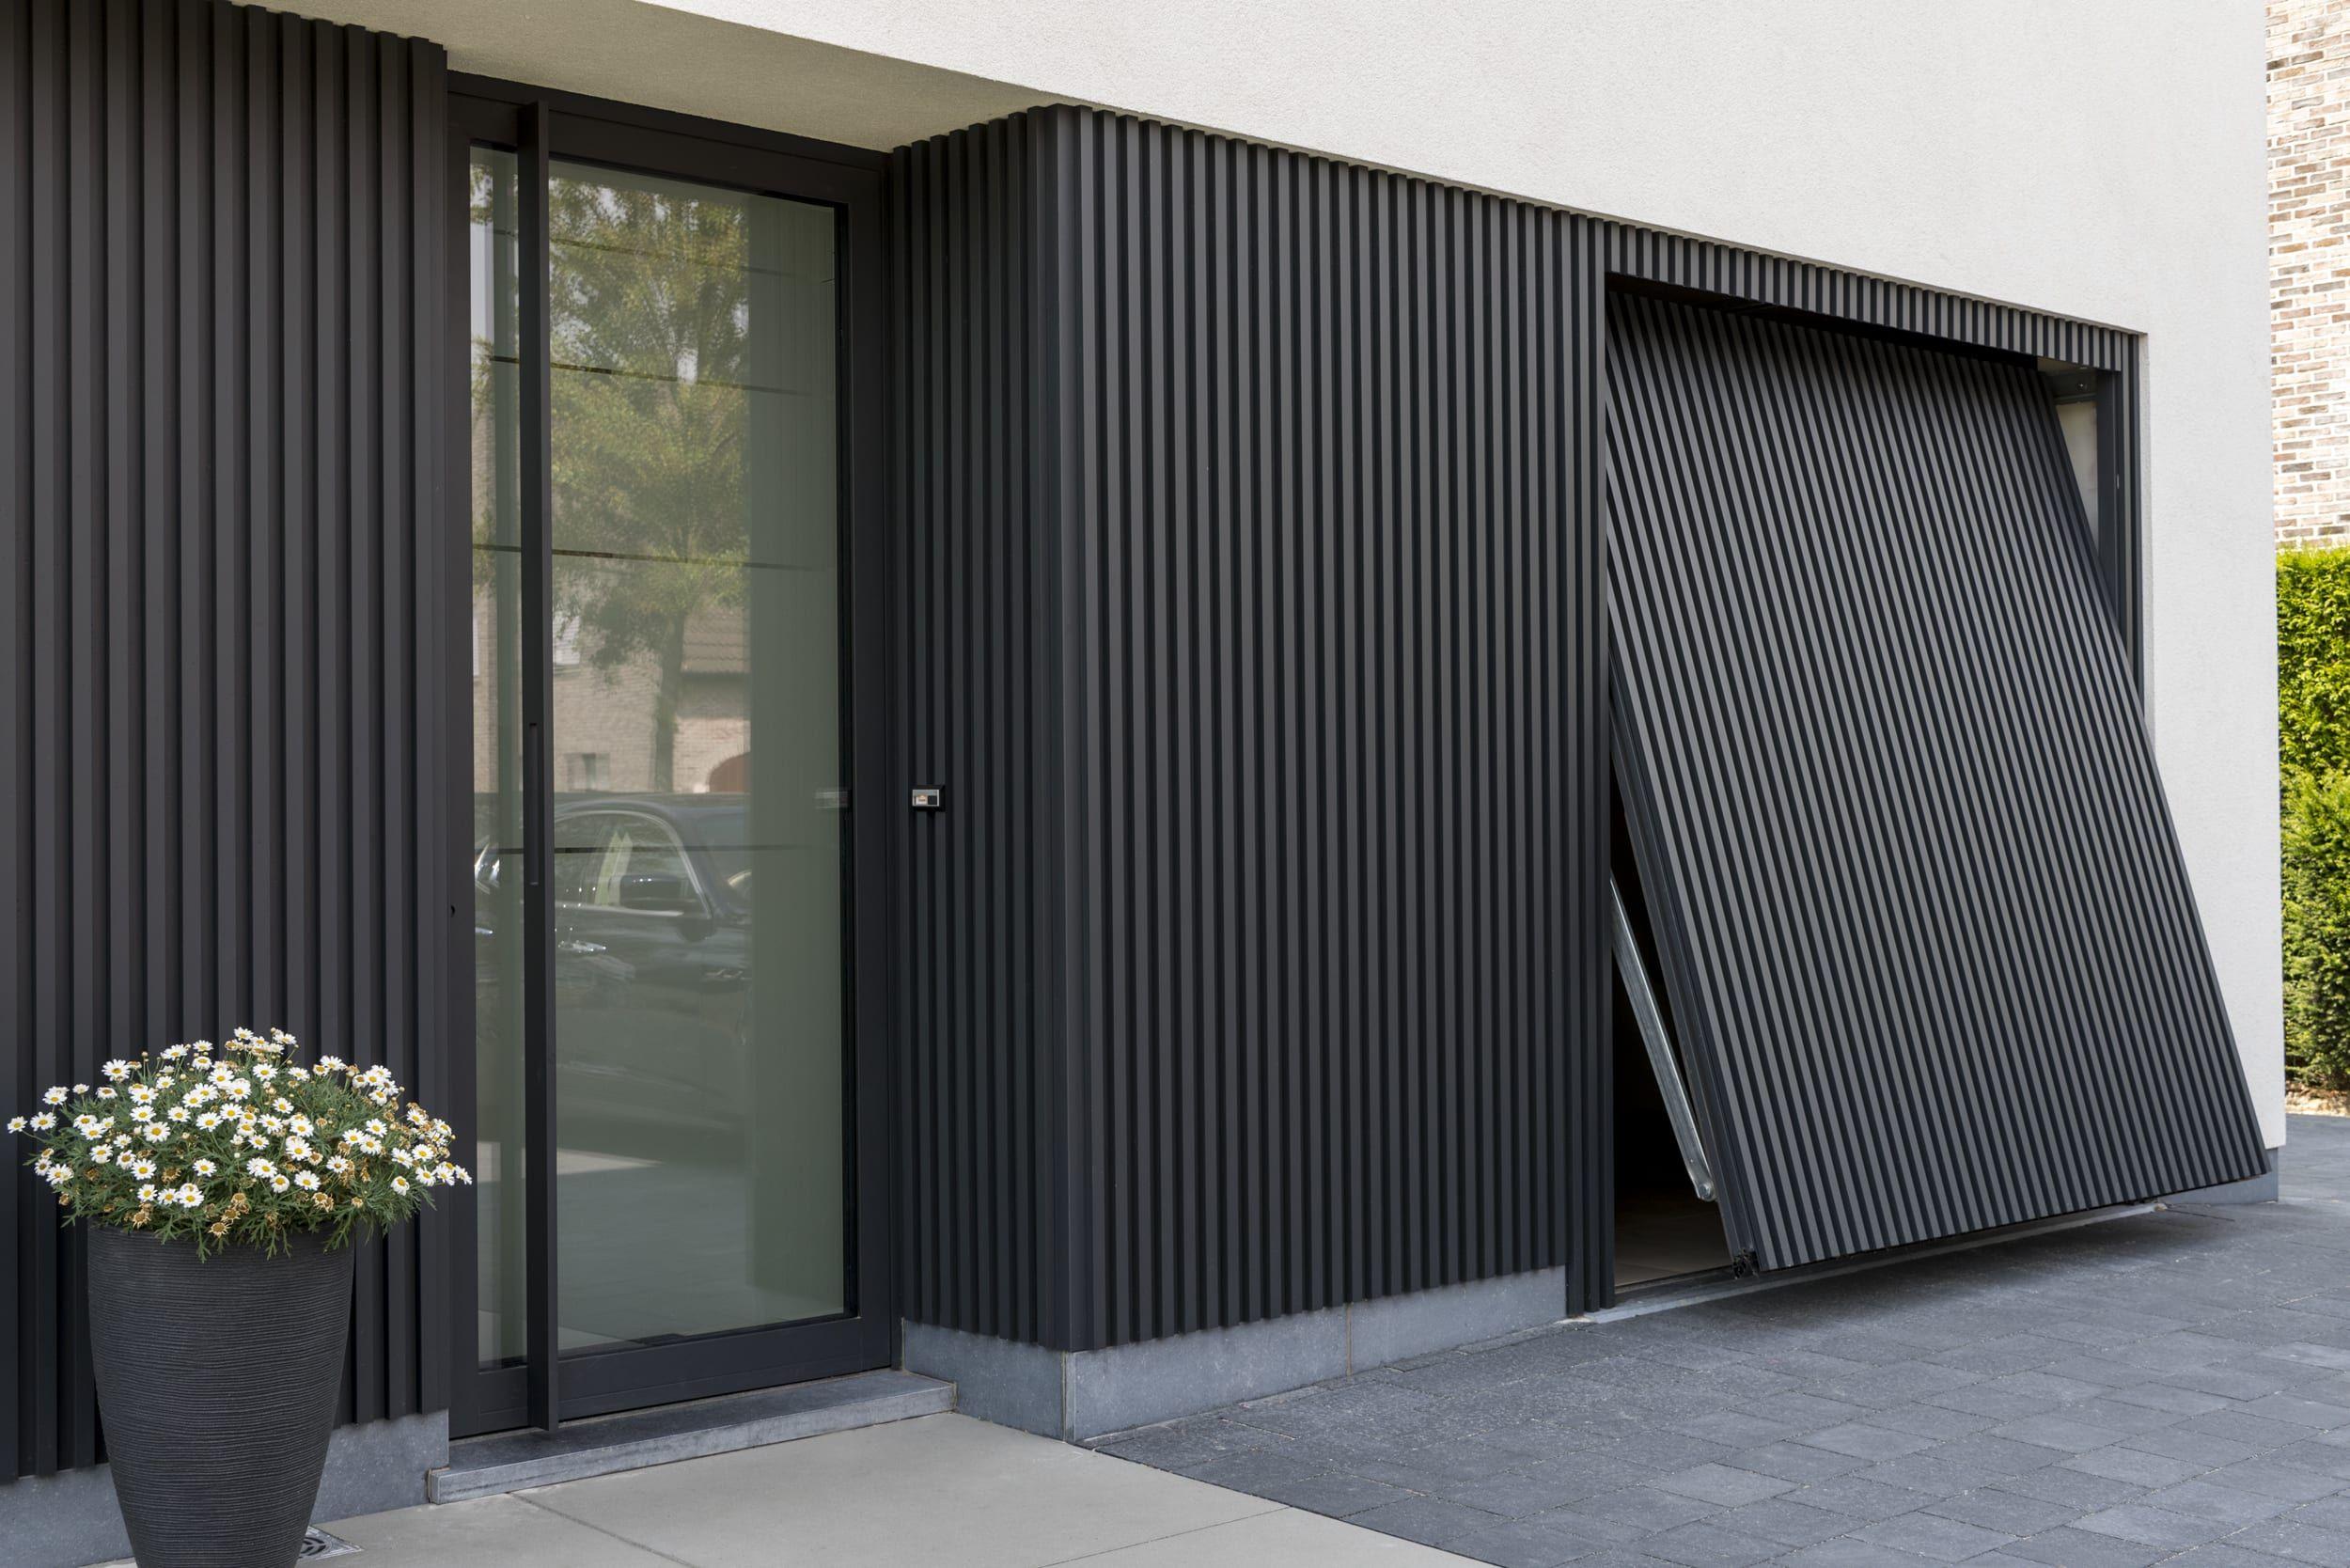 Cool Creative Garage Doors Modern Garage Doors Garage Door Design Garage Doors